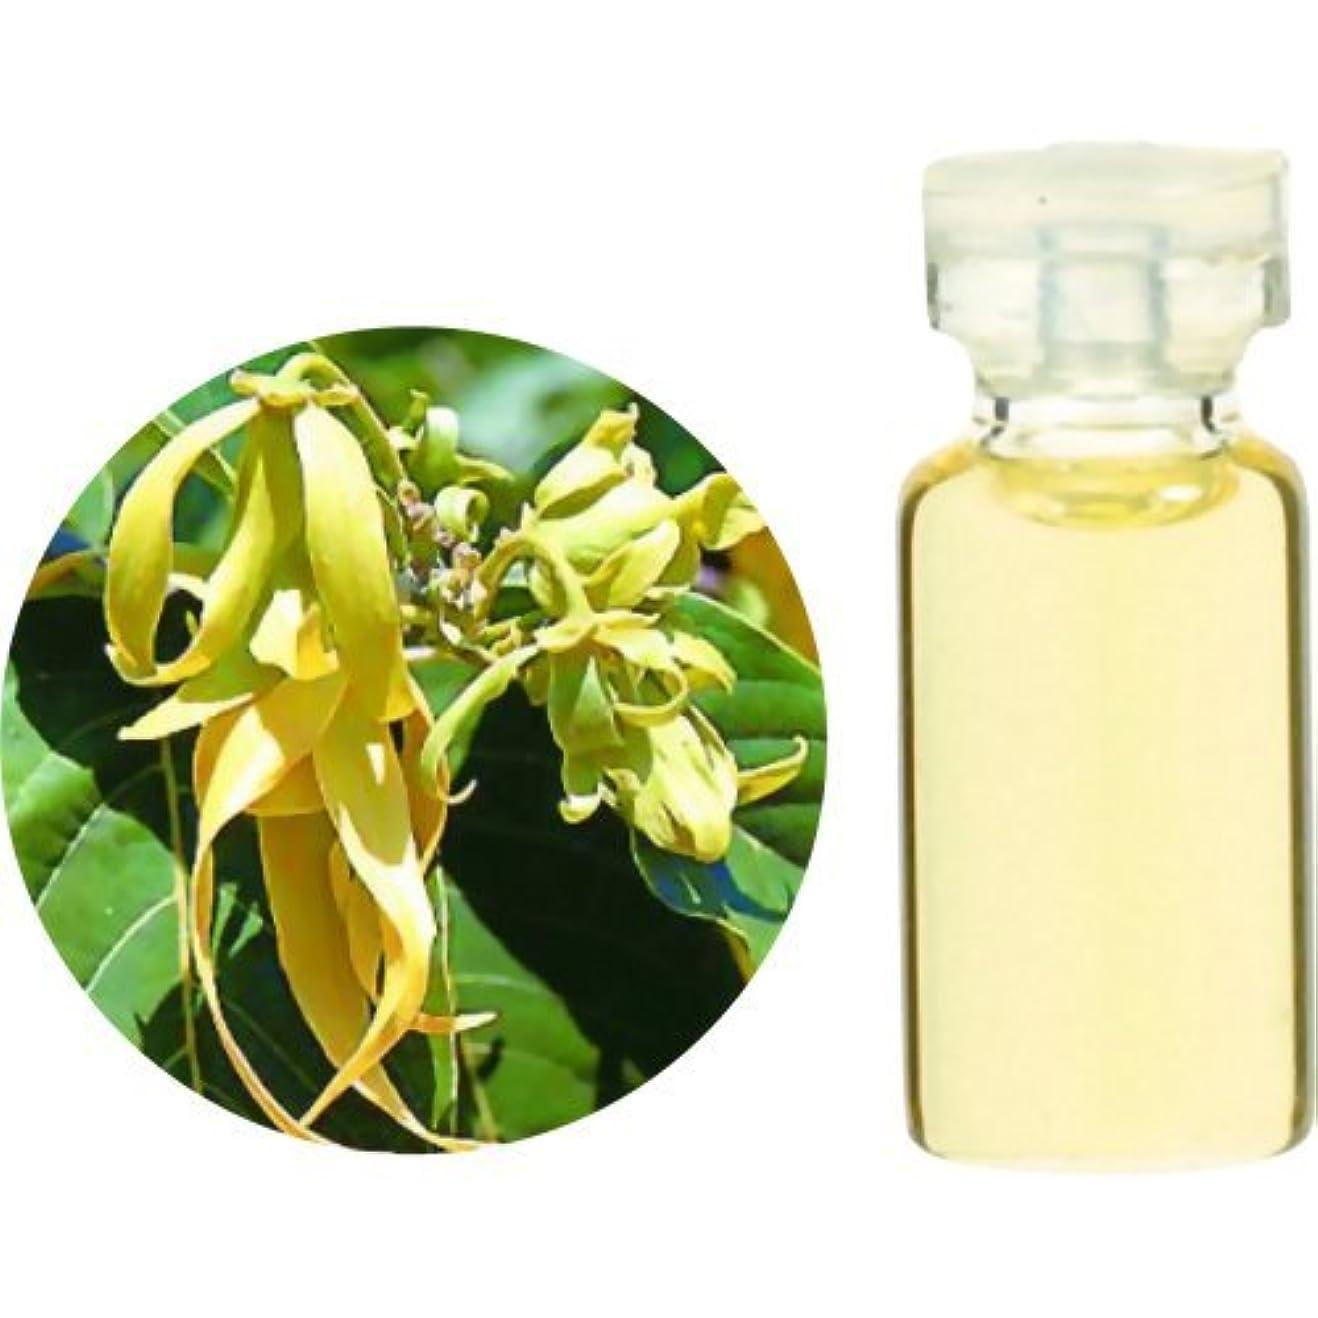 必要としている隔離する不良生活の木 Herbal Life イランイラン 3ml